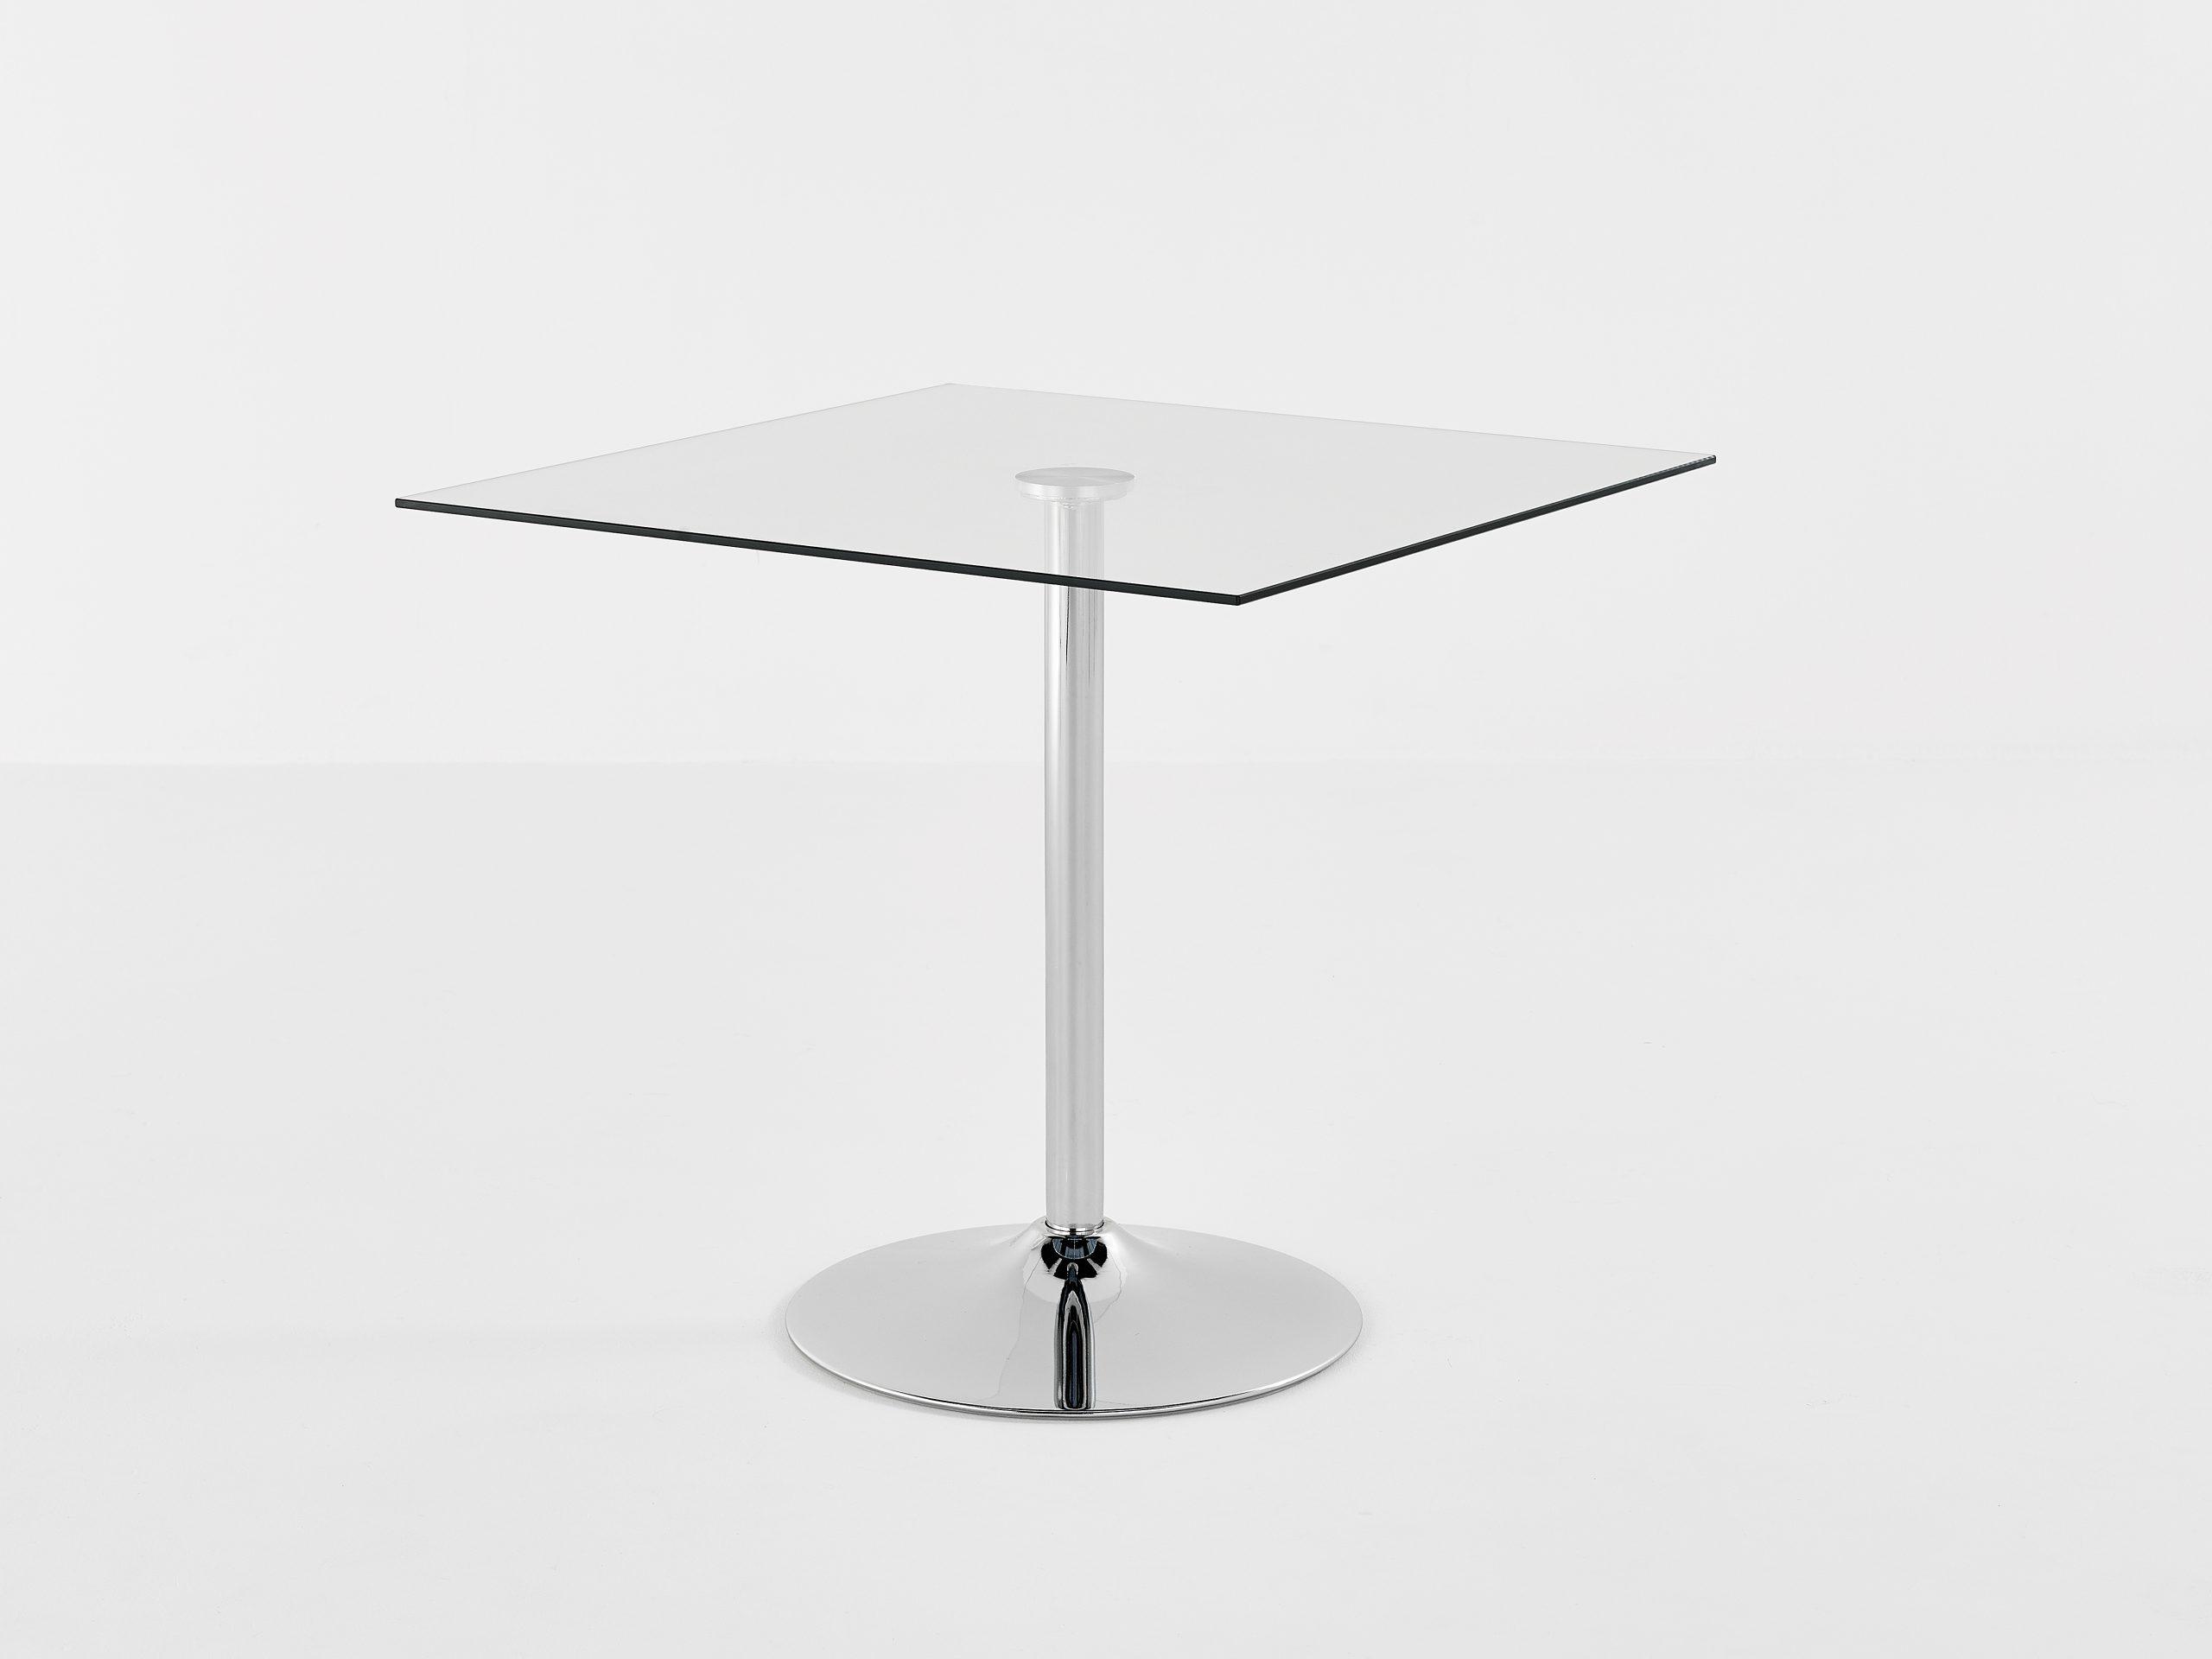 Verona Square Table